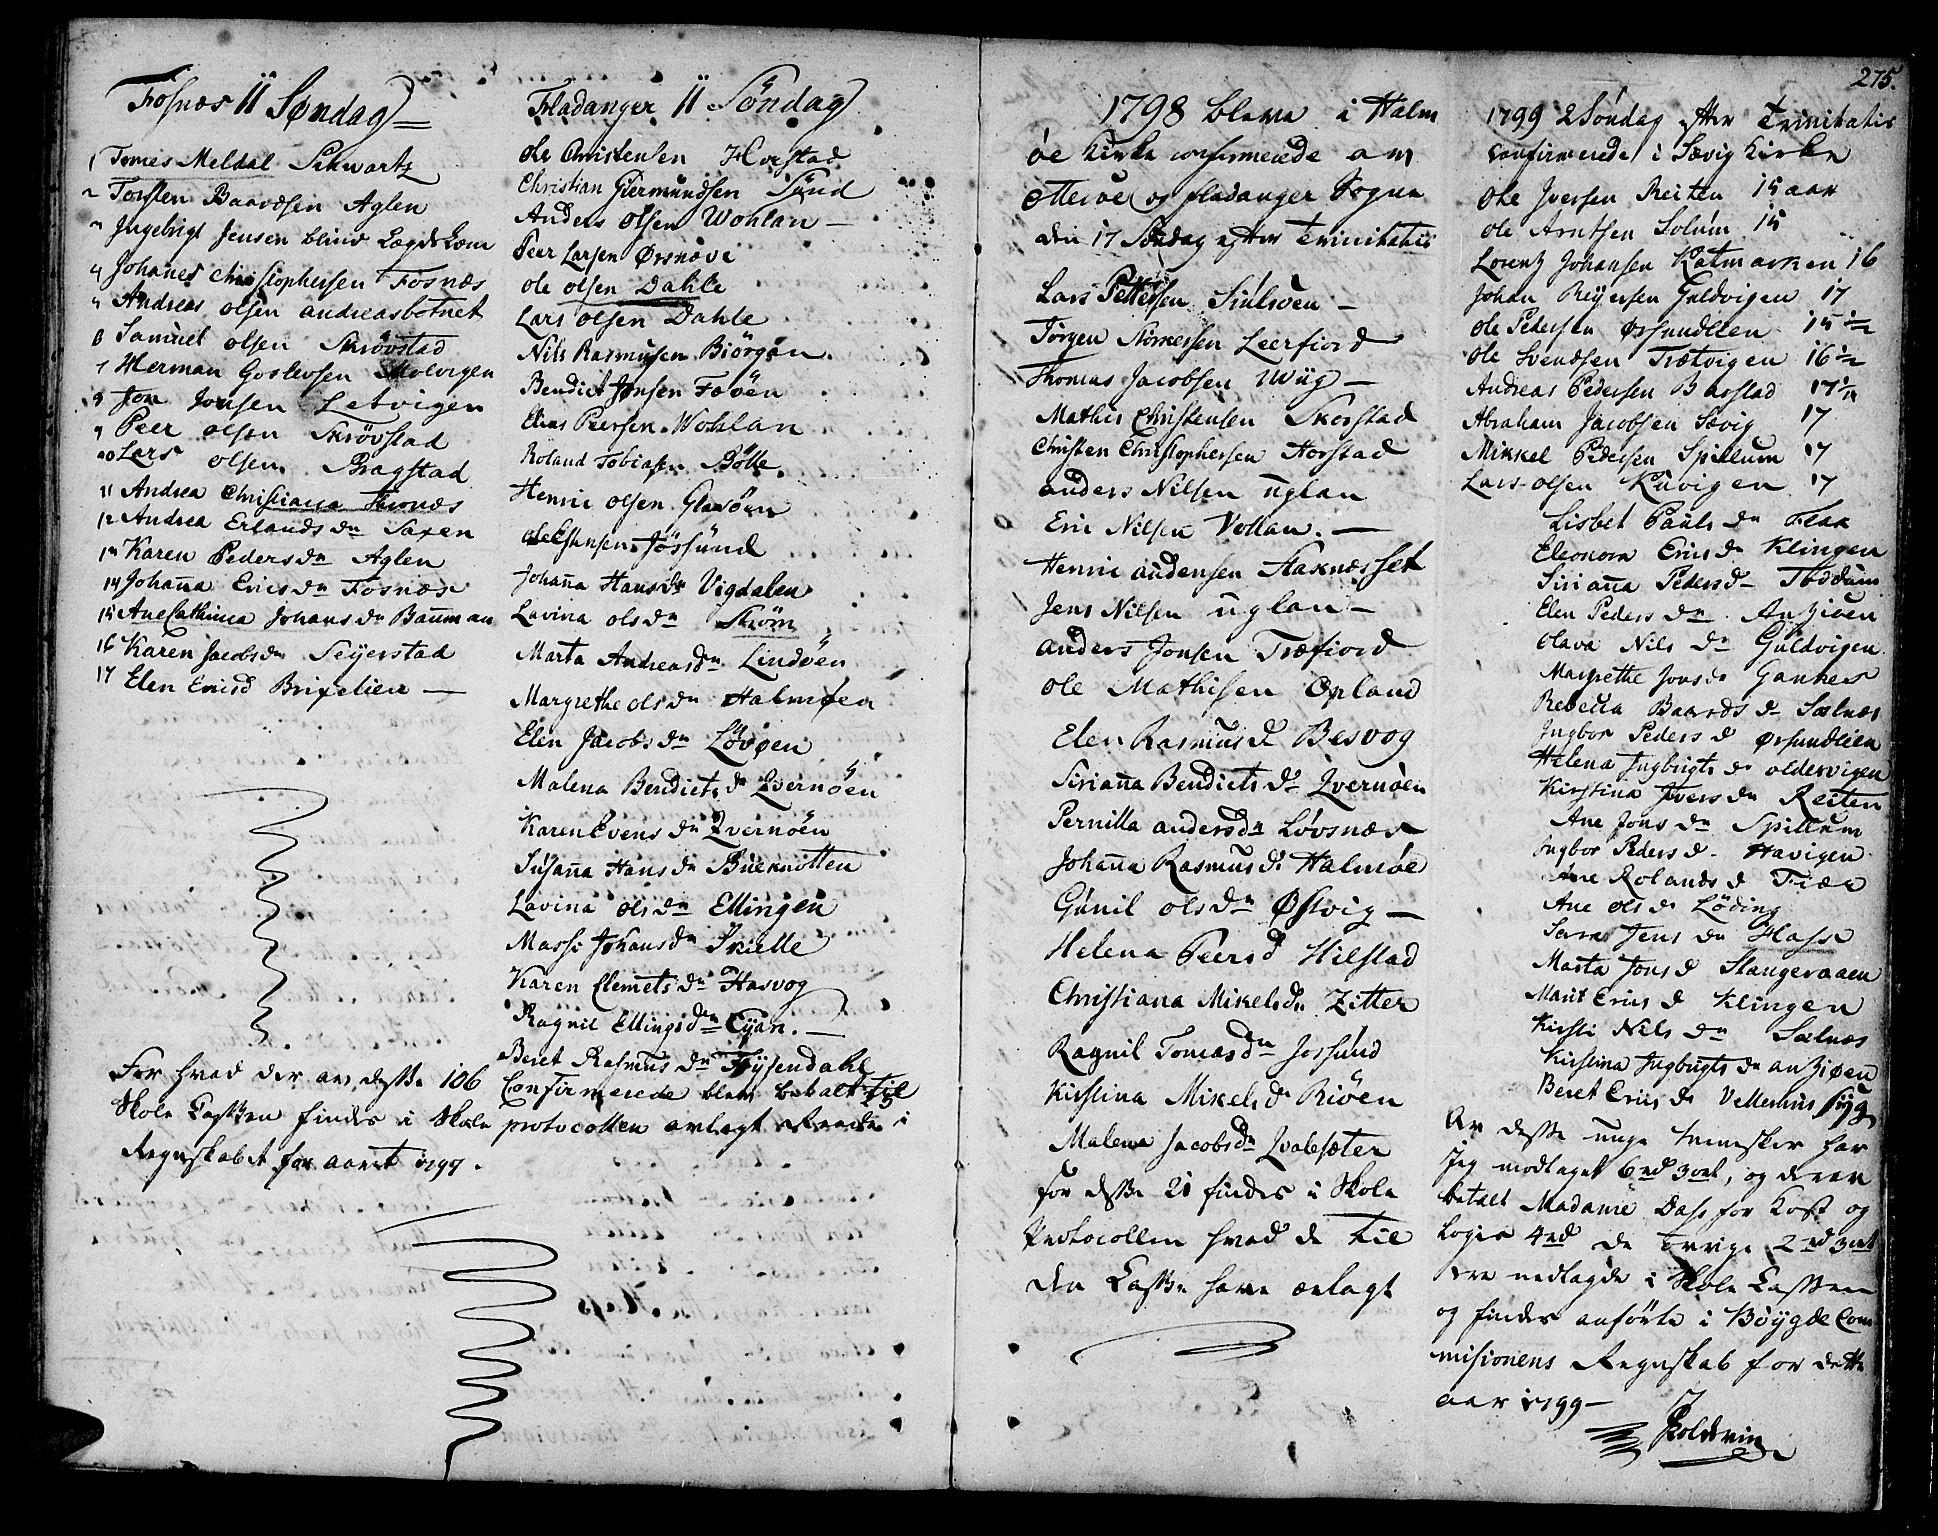 SAT, Ministerialprotokoller, klokkerbøker og fødselsregistre - Nord-Trøndelag, 773/L0608: Ministerialbok nr. 773A02, 1784-1816, s. 275